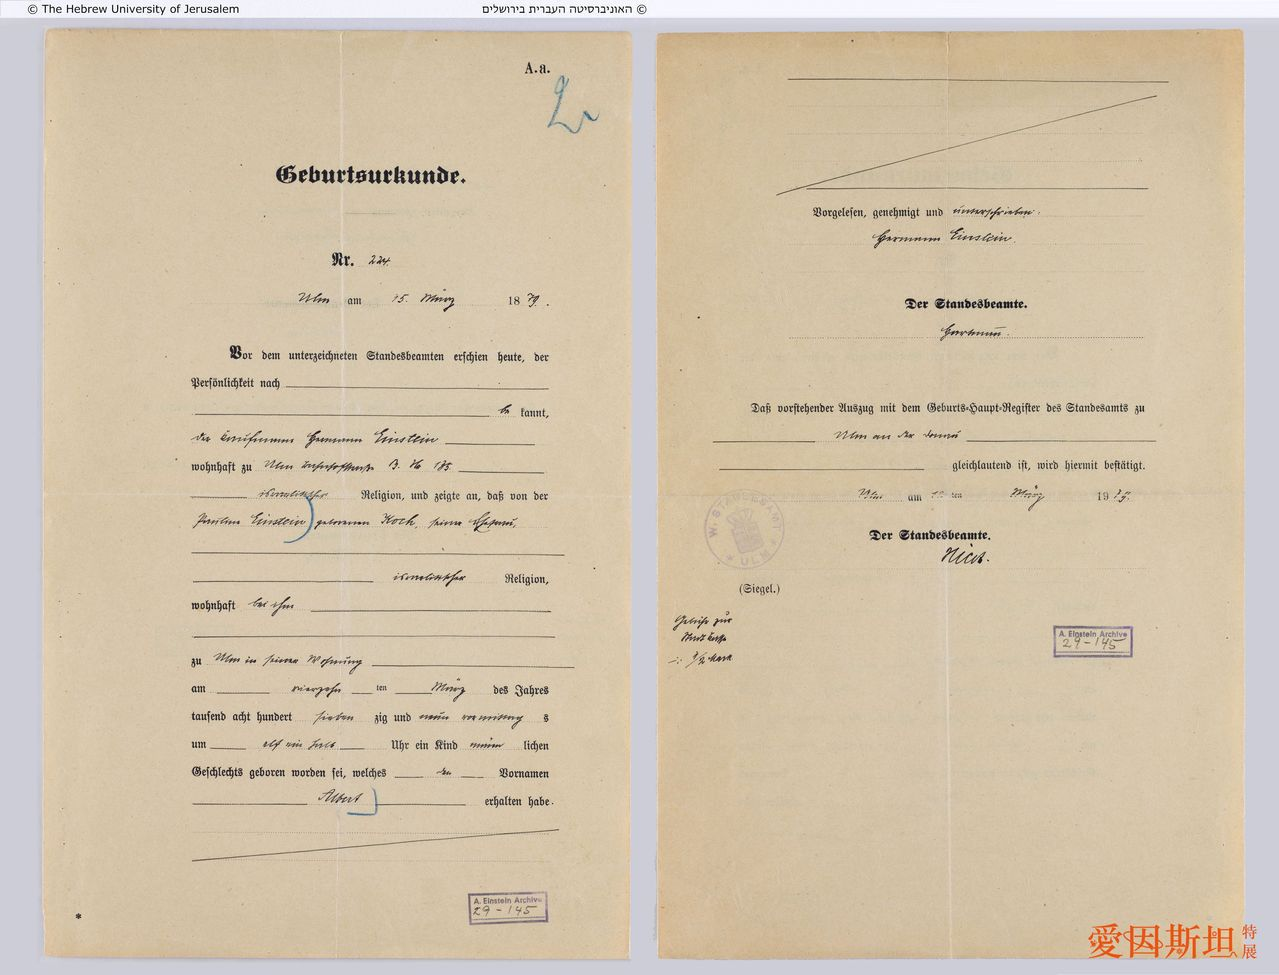 愛因斯坦出生證明。 圖╱希伯來大學愛因斯坦檔案室提供